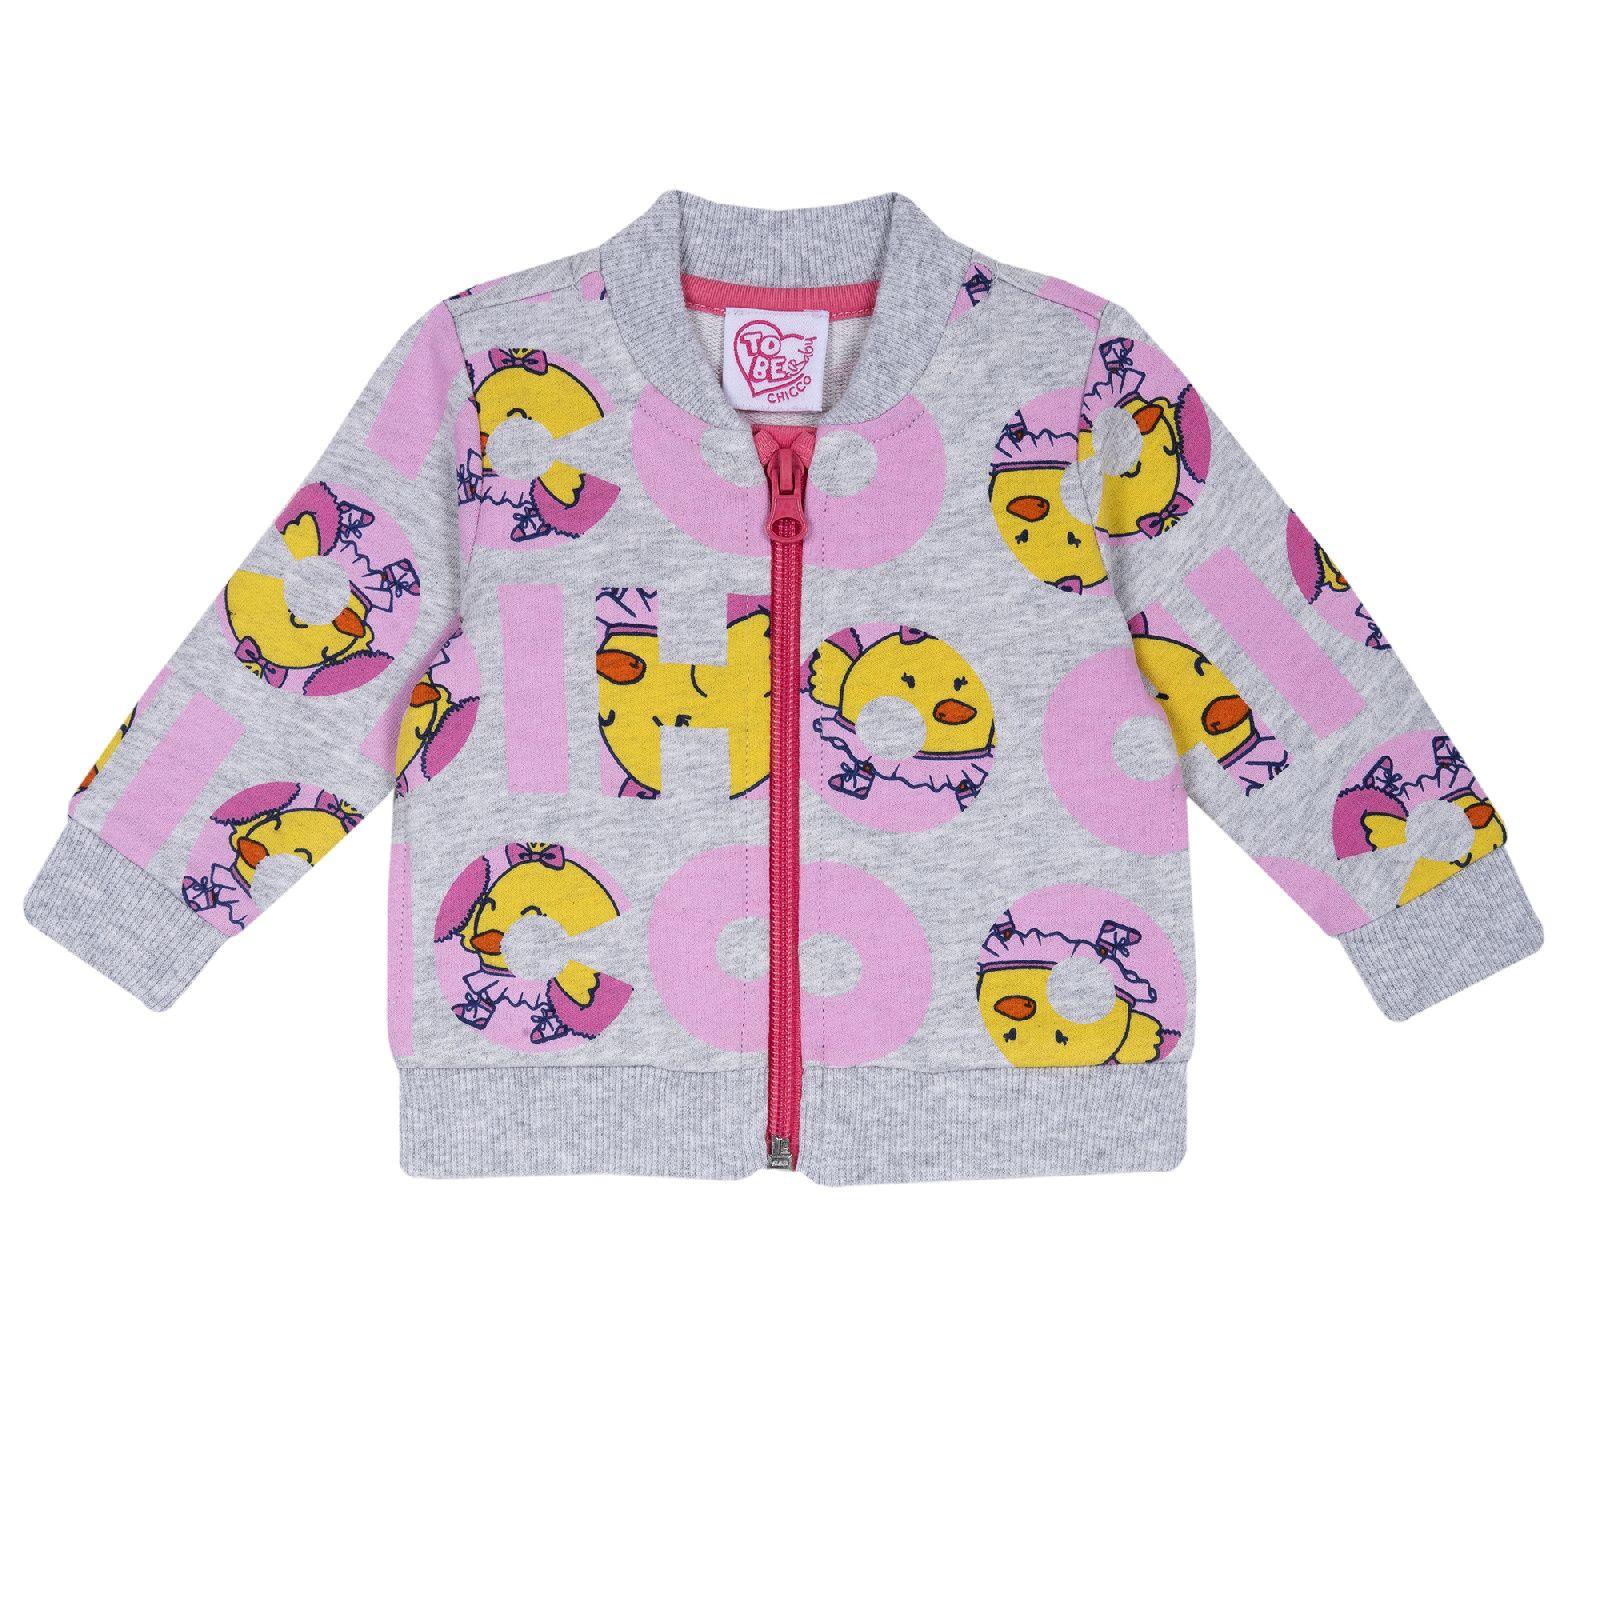 Купить 9009406, Толстовка для девочек Chicco на молнии, цвет серый, размер 74, Кофточки, футболки для новорожденных